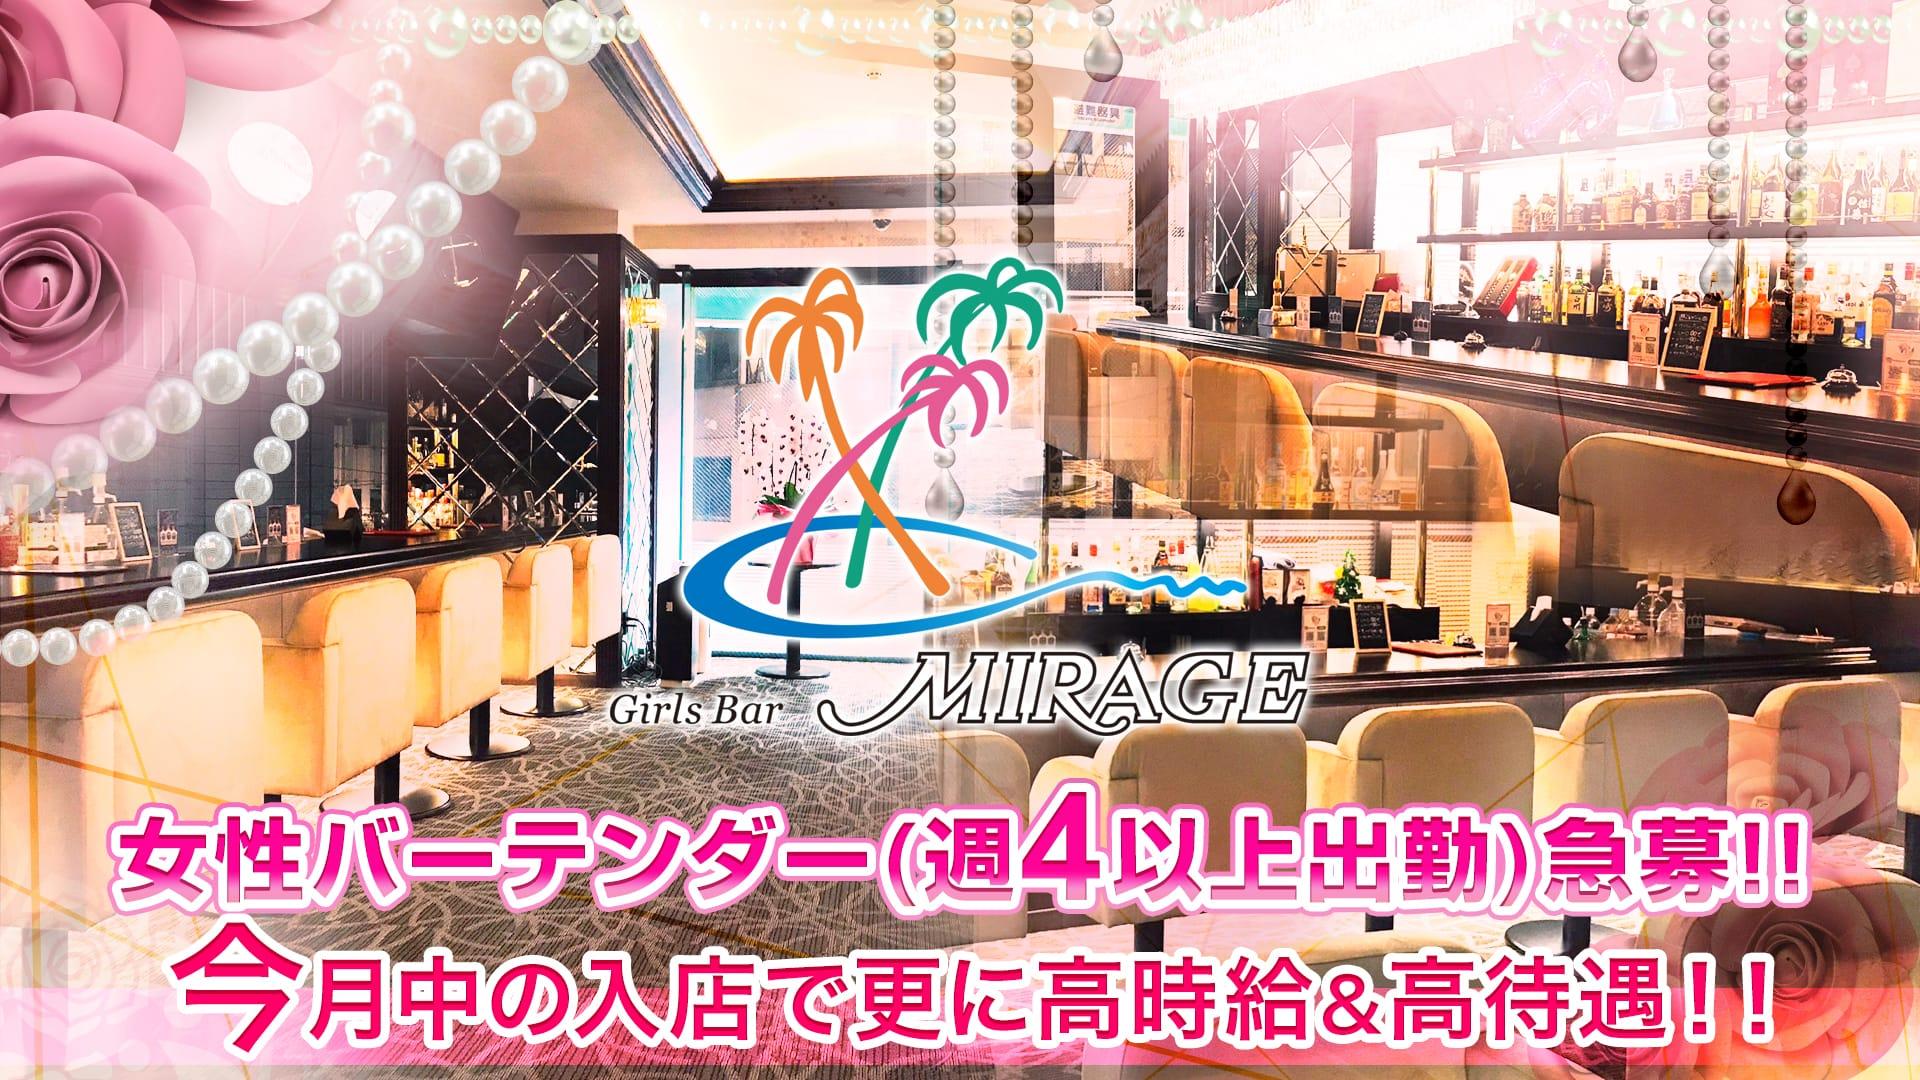 Girl's Bar Mirage(ミラージュ) 関内ガールズバー TOP画像